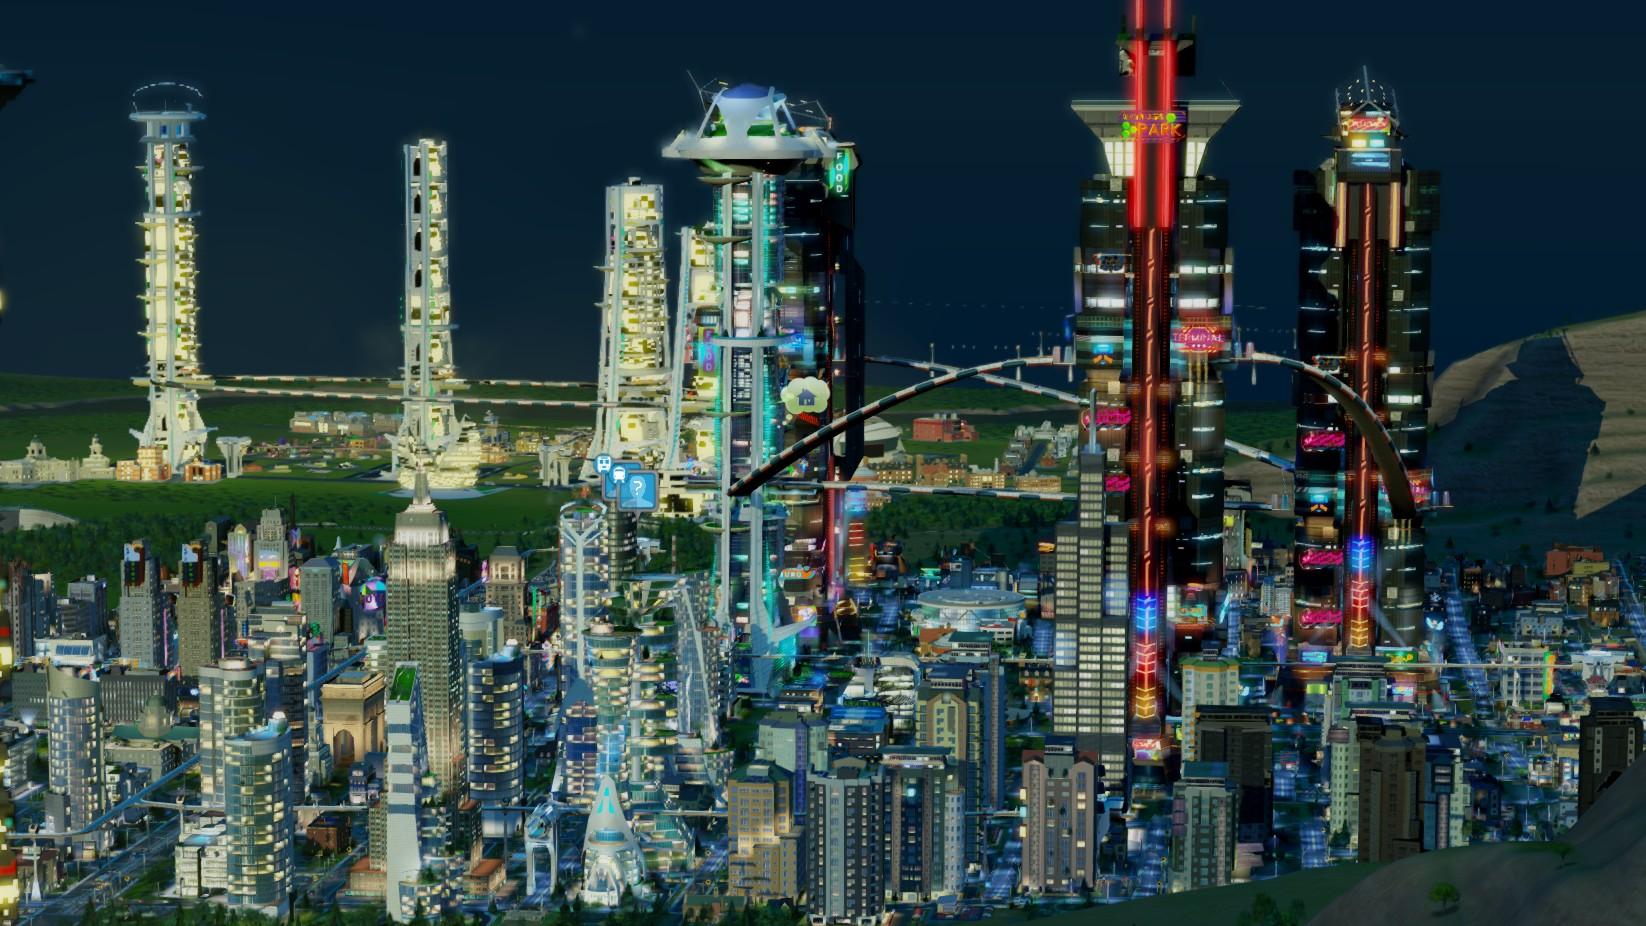 Sim City Städte Der Zukunft Angespielt Lohnen Sich 30 Euro Für